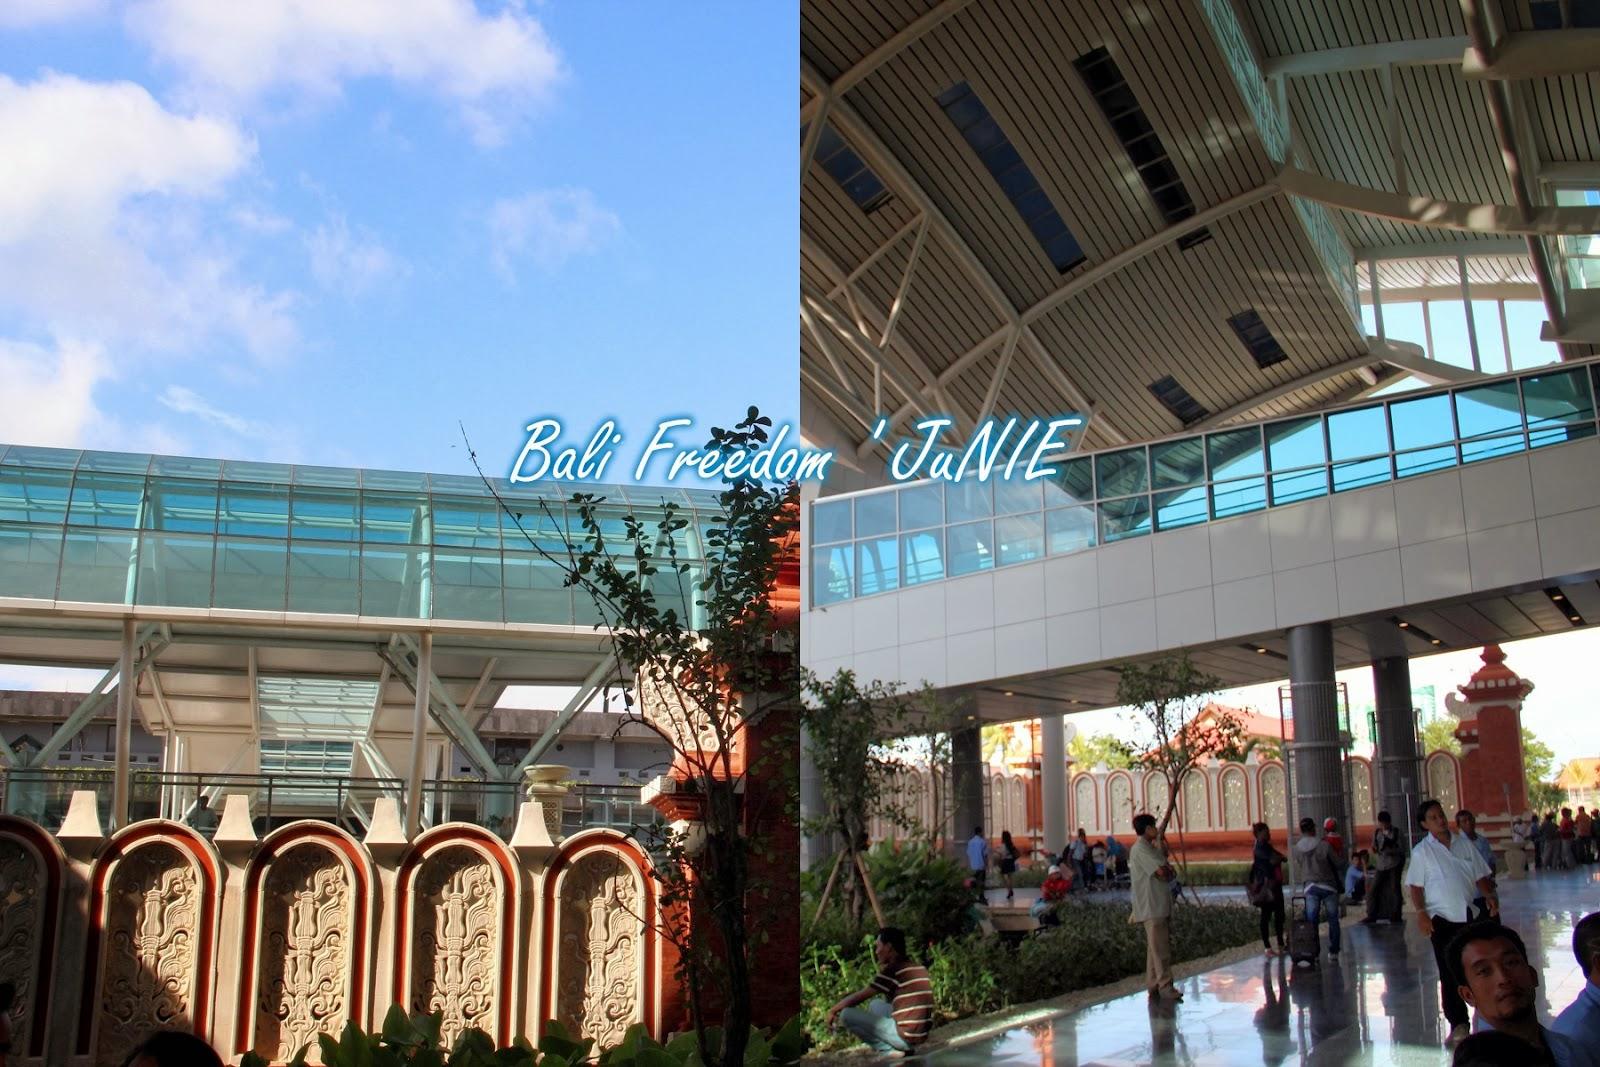 巴里島包車司機 │ 巴里島自由行旅遊資訊 │巴里島SPA│巴里島行程│Bali Driver Tour Guide│Bali Freedom Tour: 峇里島 ...